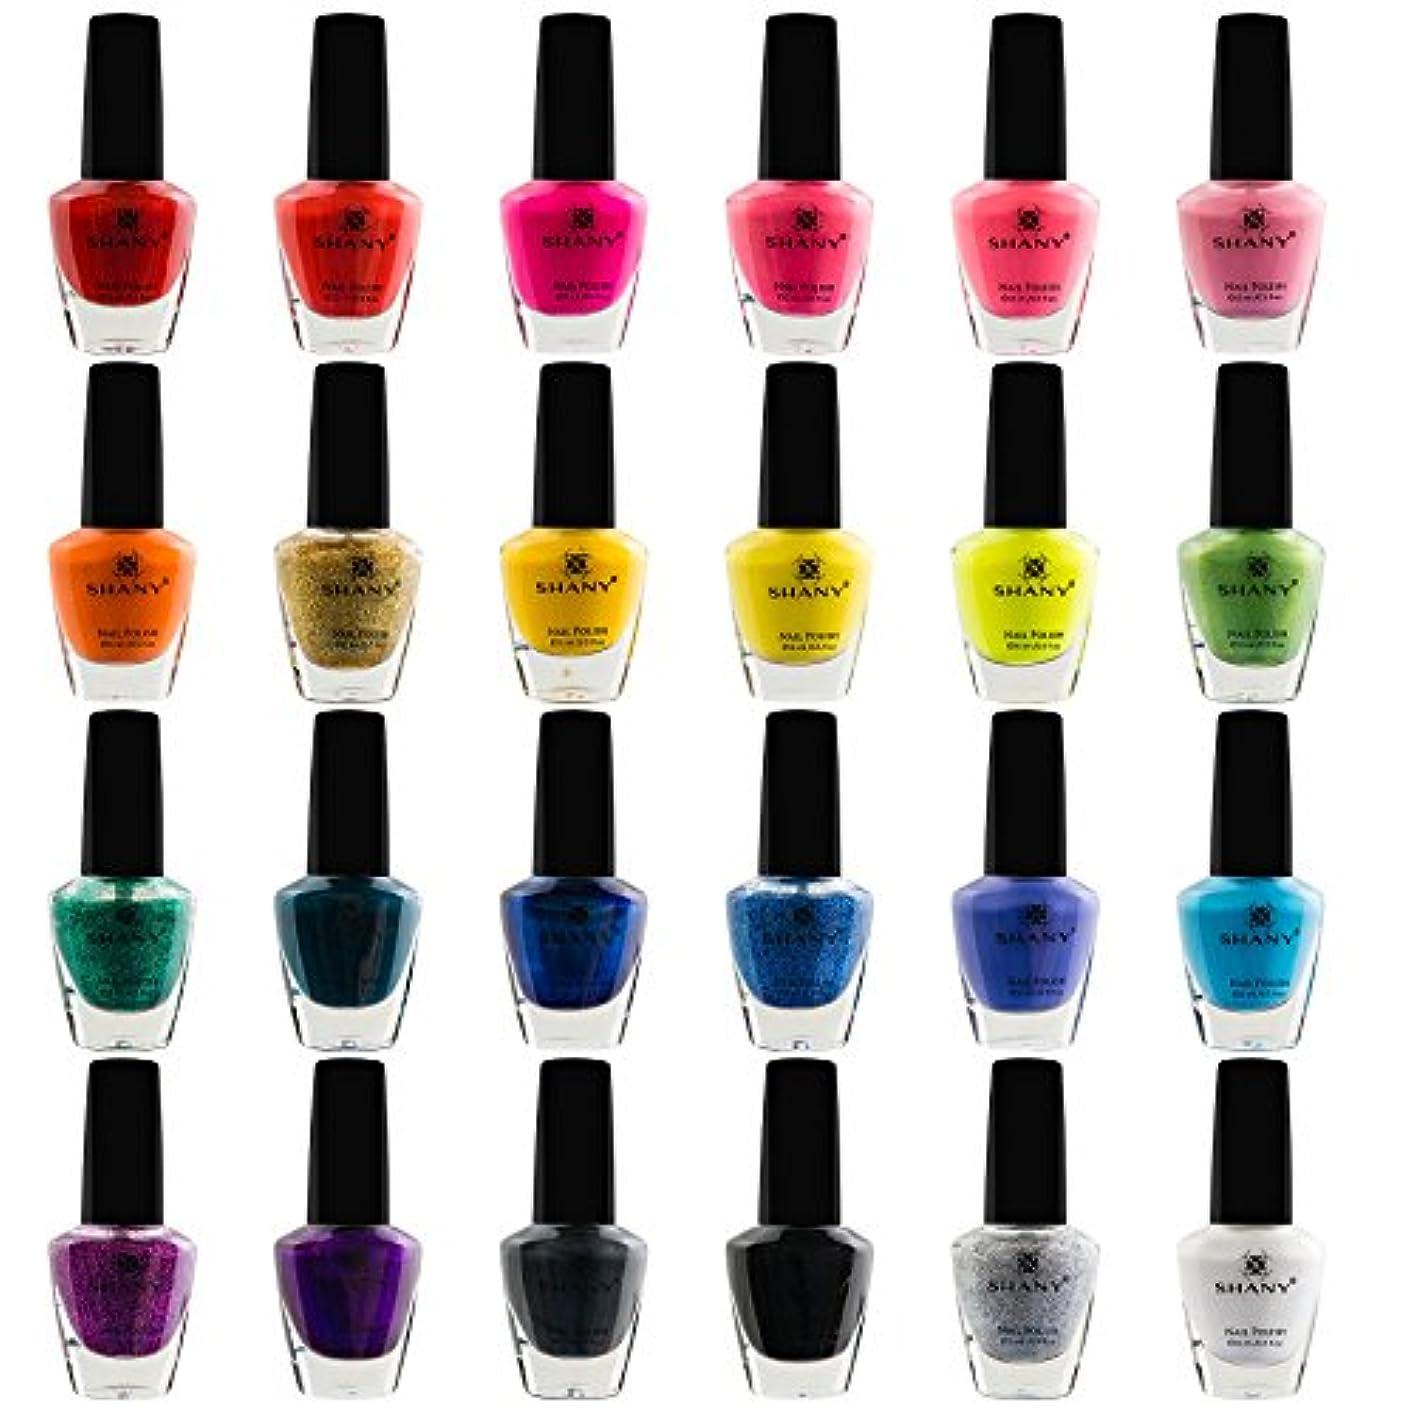 インタラクション昆虫を見る罪悪感SHANY Cosmetics The Cosmopolitan Nail Polish Set (24 Colors Premium Quality and Quick Dry), 0.5 fl ounce each